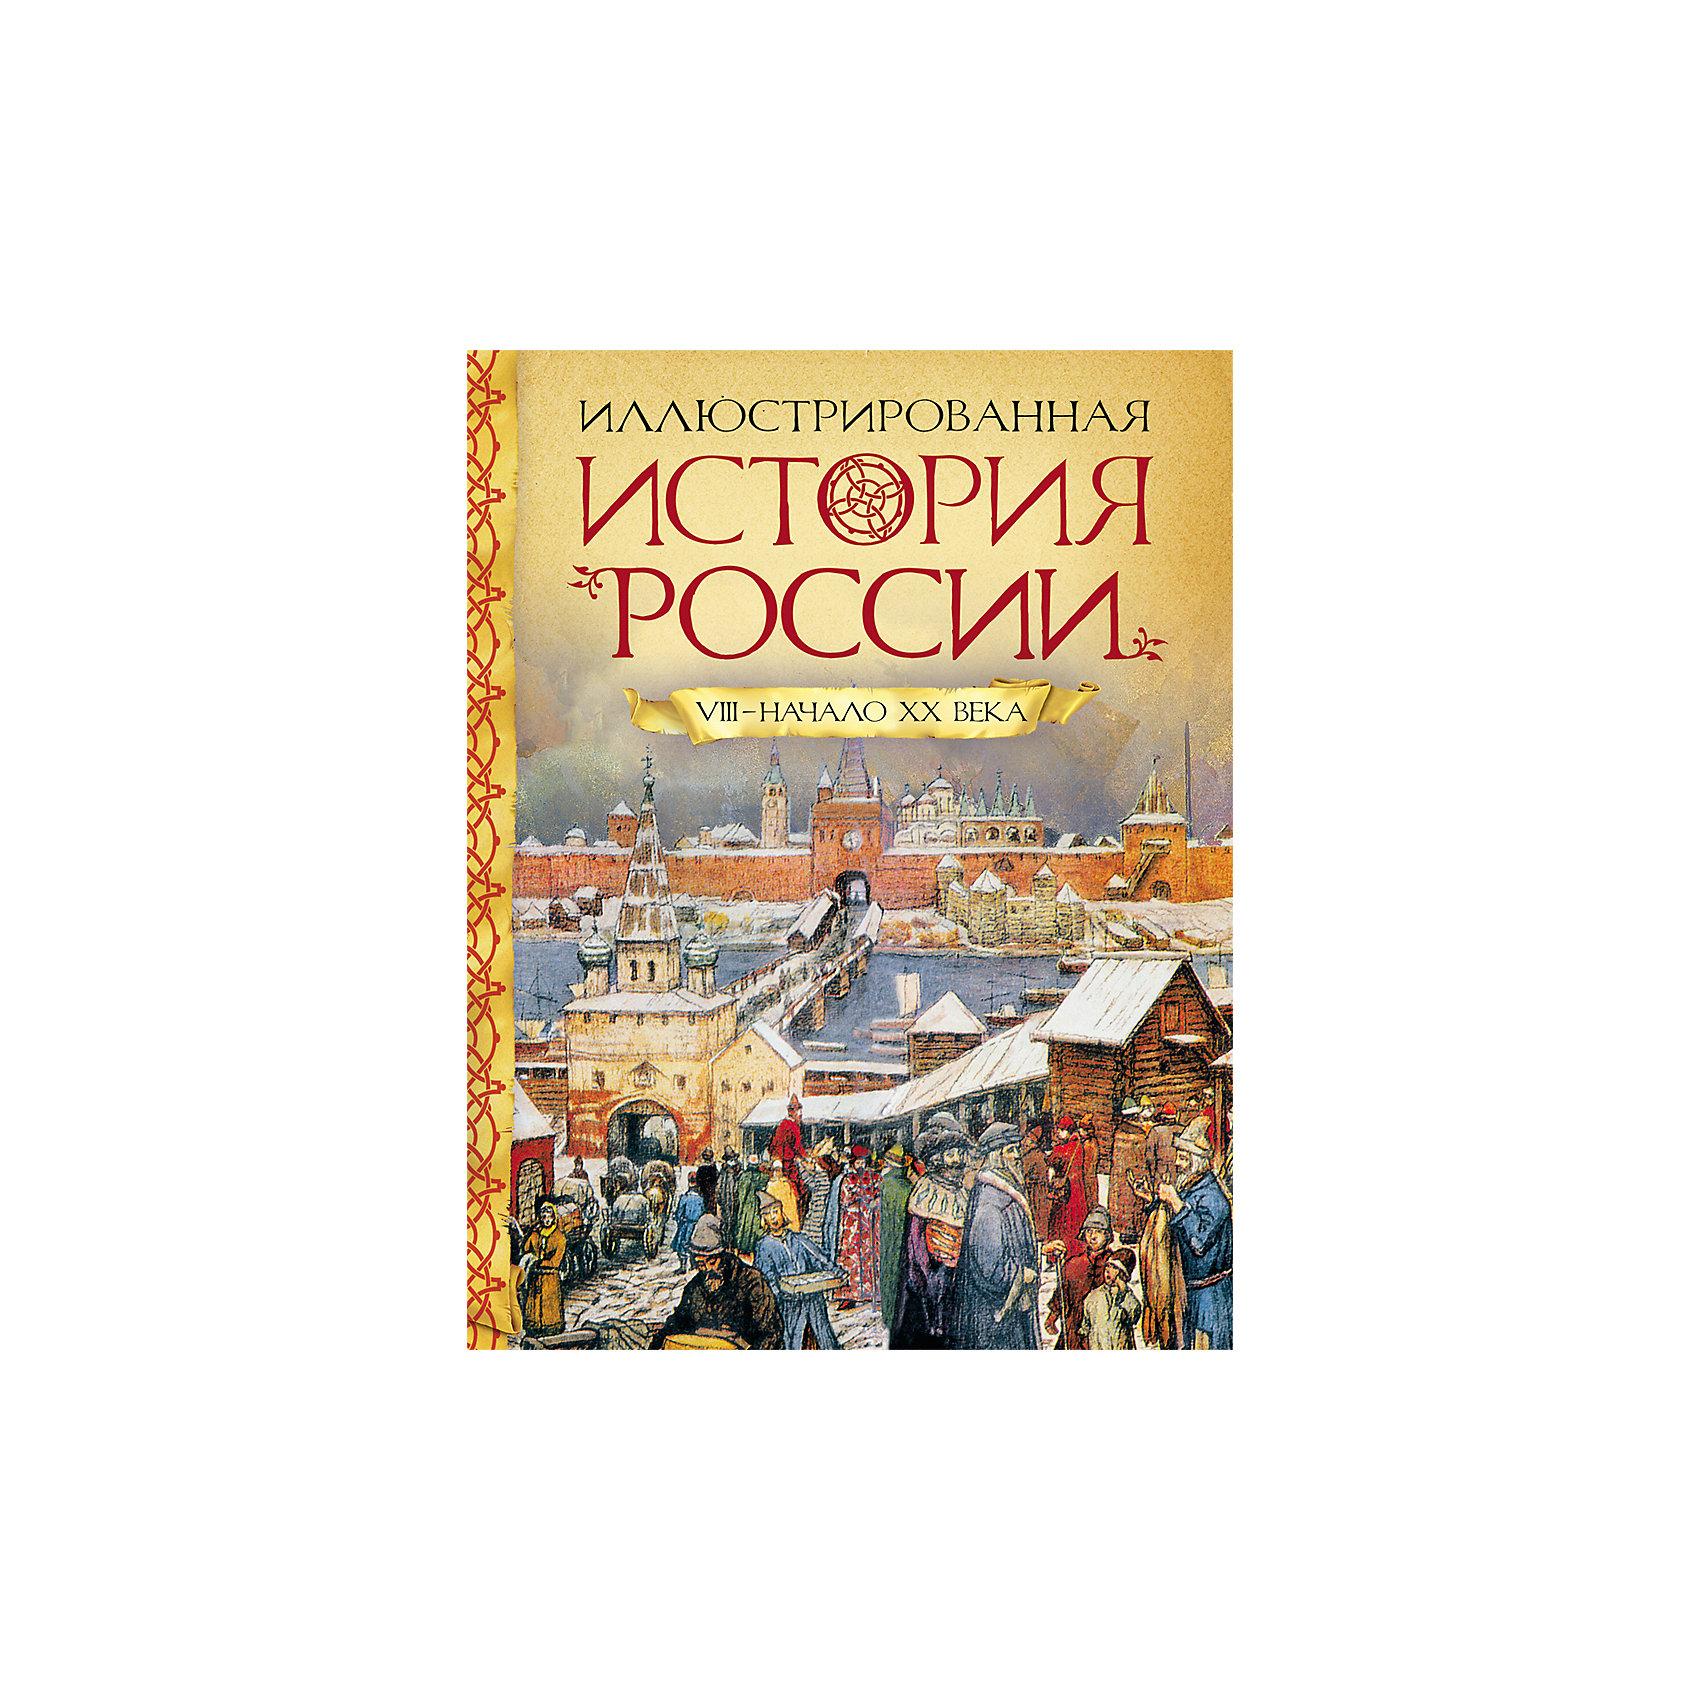 Иллюстрированная история России VIII - начало ХХ векаХарактеристики товара:<br><br>- цвет: разноцветный;<br>- материал: бумага;<br>- страниц: 112;<br>- формат: 22 х 28 см;<br>- обложка: твердая;<br>- цветные иллюстрации.<br><br>Эта интересная книга с иллюстрациями станет отличным подарком для ребенка. Она содержит в себе яркие картинки, которые помогут детям познакомиться со многими событиями и предметами из окружающего мира, а также пояснения к ним. В книге - море полезной информации для ребенка! Такая книга поможет привить ему любовь к знаниям.<br>Чтение помогает ребенку развивать зрительную память, концентрацию внимания и воображение. Издание произведено из качественных материалов, которые безопасны даже для самых маленьких.<br><br>Издание Иллюстрированная история России VIII - начало ХХ века от компании Росмэн можно купить в нашем интернет-магазине.<br><br>Ширина мм: 285<br>Глубина мм: 220<br>Высота мм: 12<br>Вес г: 523<br>Возраст от месяцев: 84<br>Возраст до месяцев: 108<br>Пол: Унисекс<br>Возраст: Детский<br>SKU: 5110163